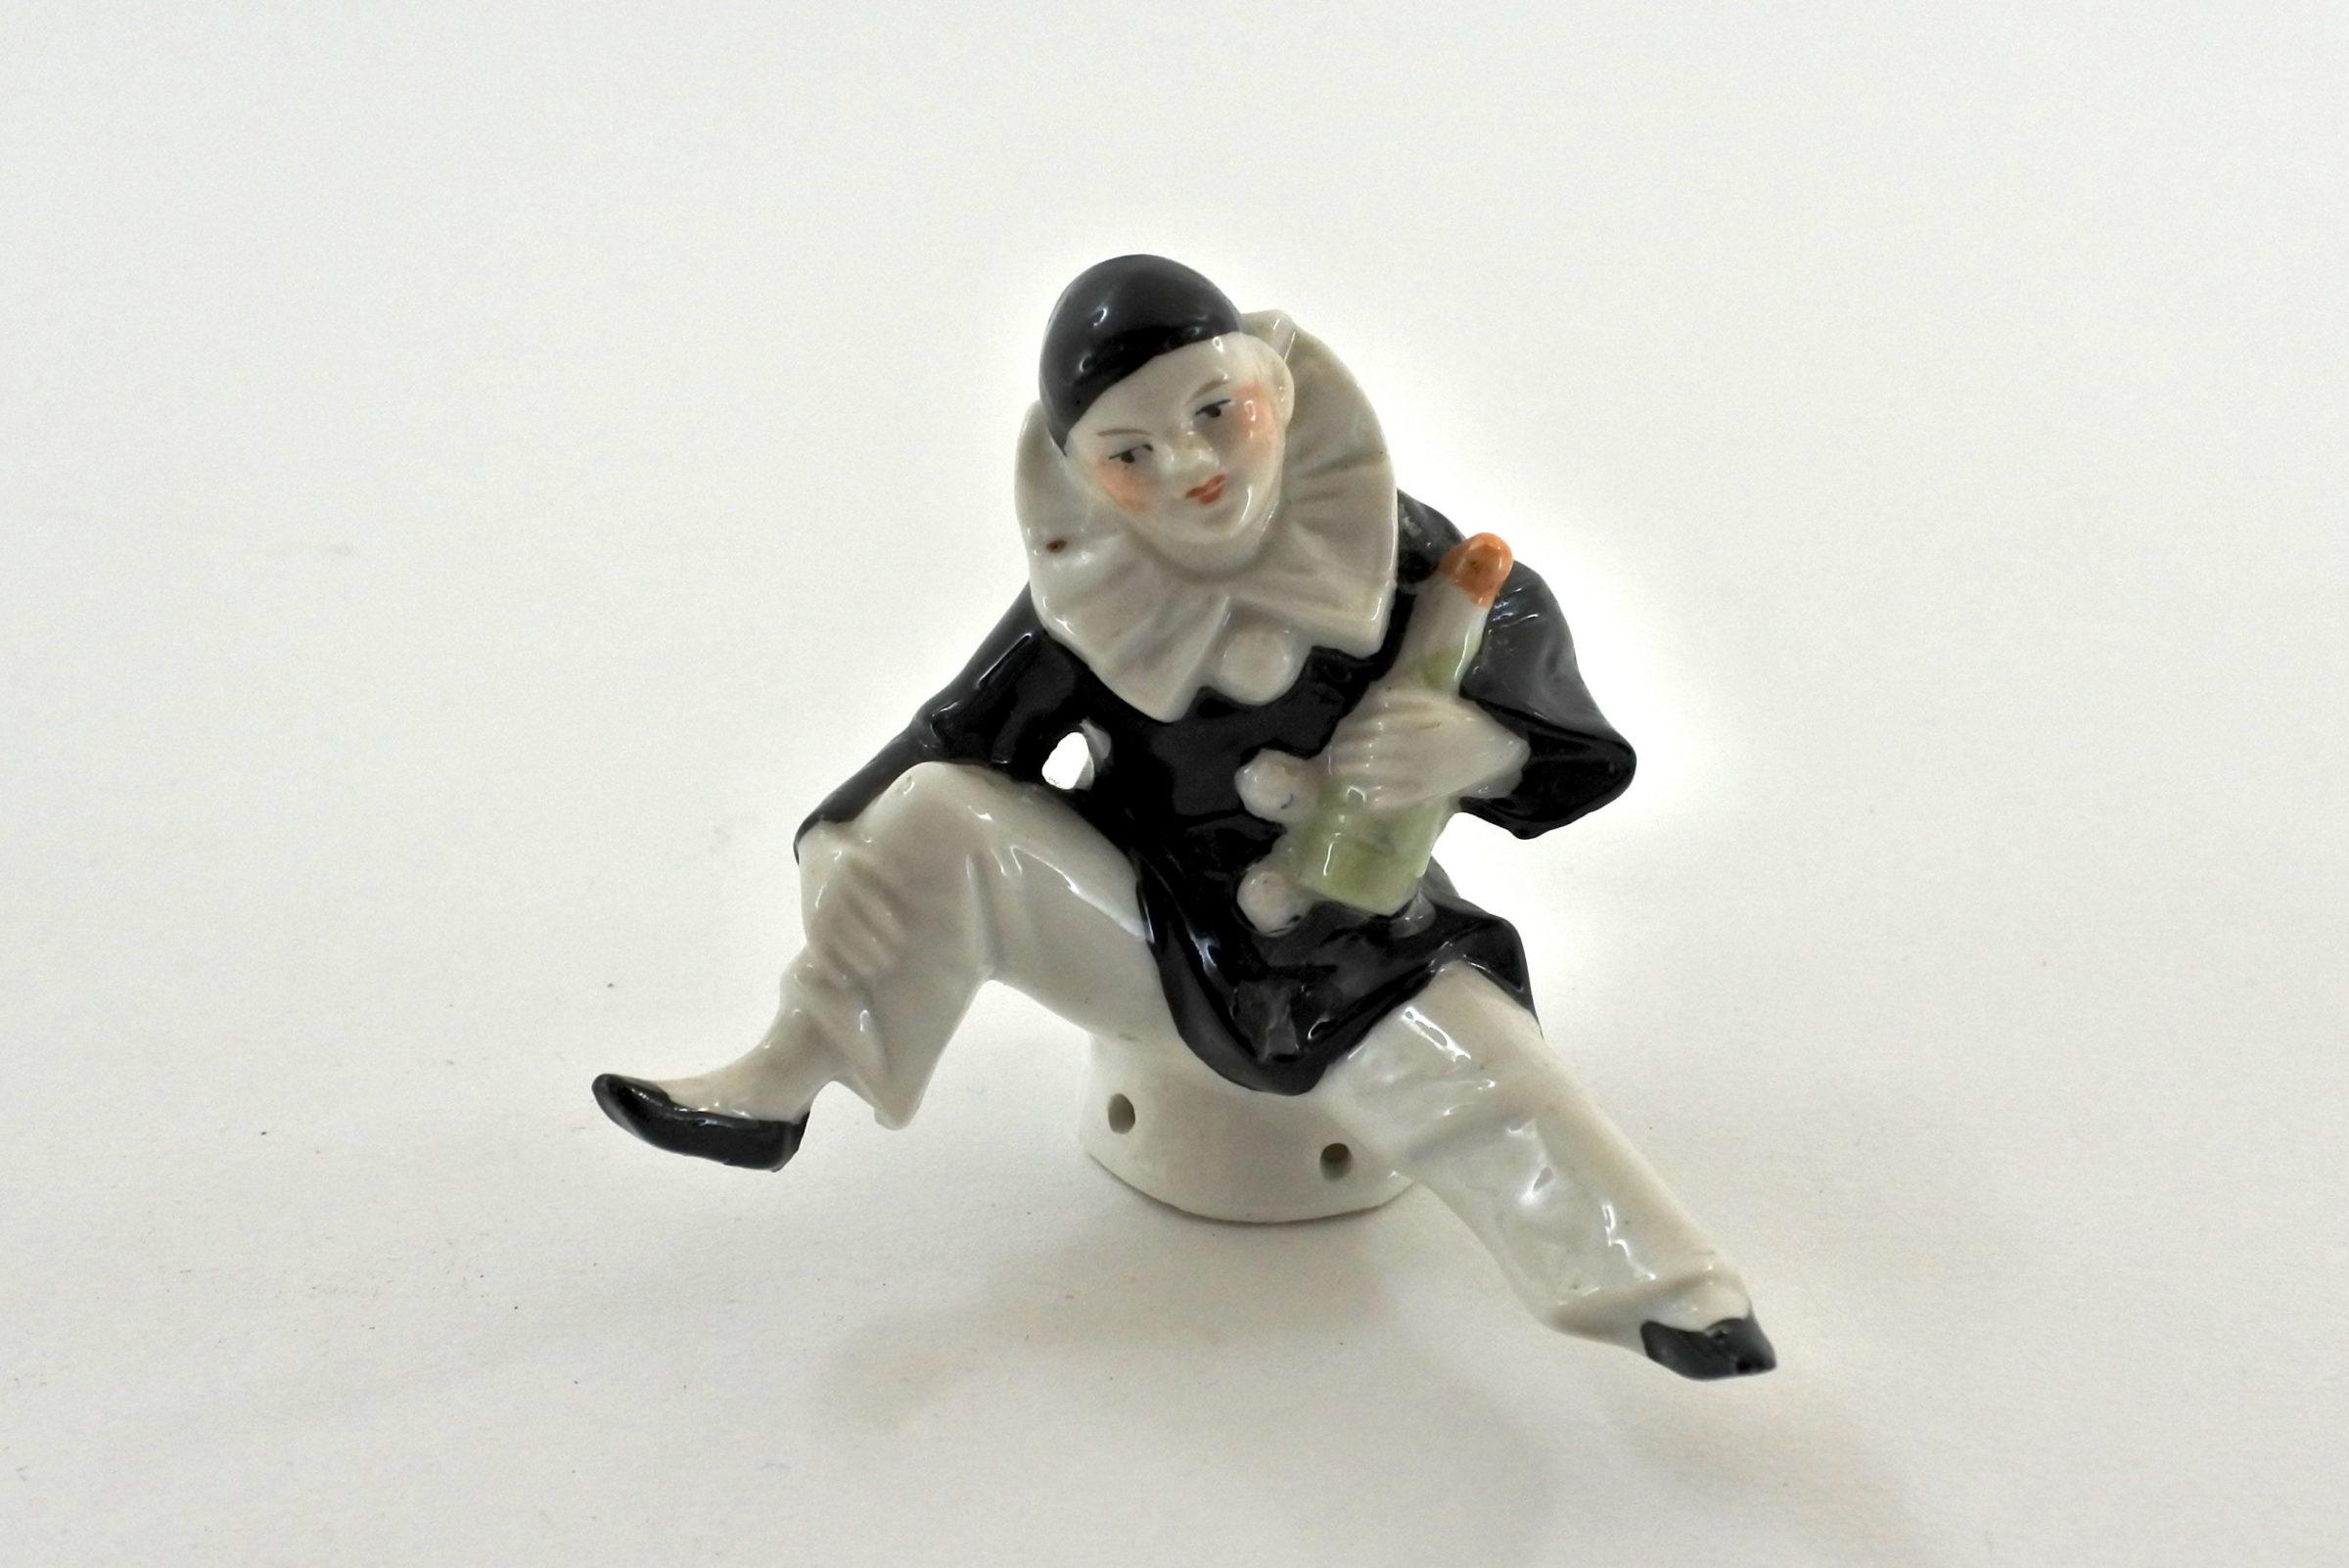 Statuina pierrot in ceramica seduto e con bottiglia in mano